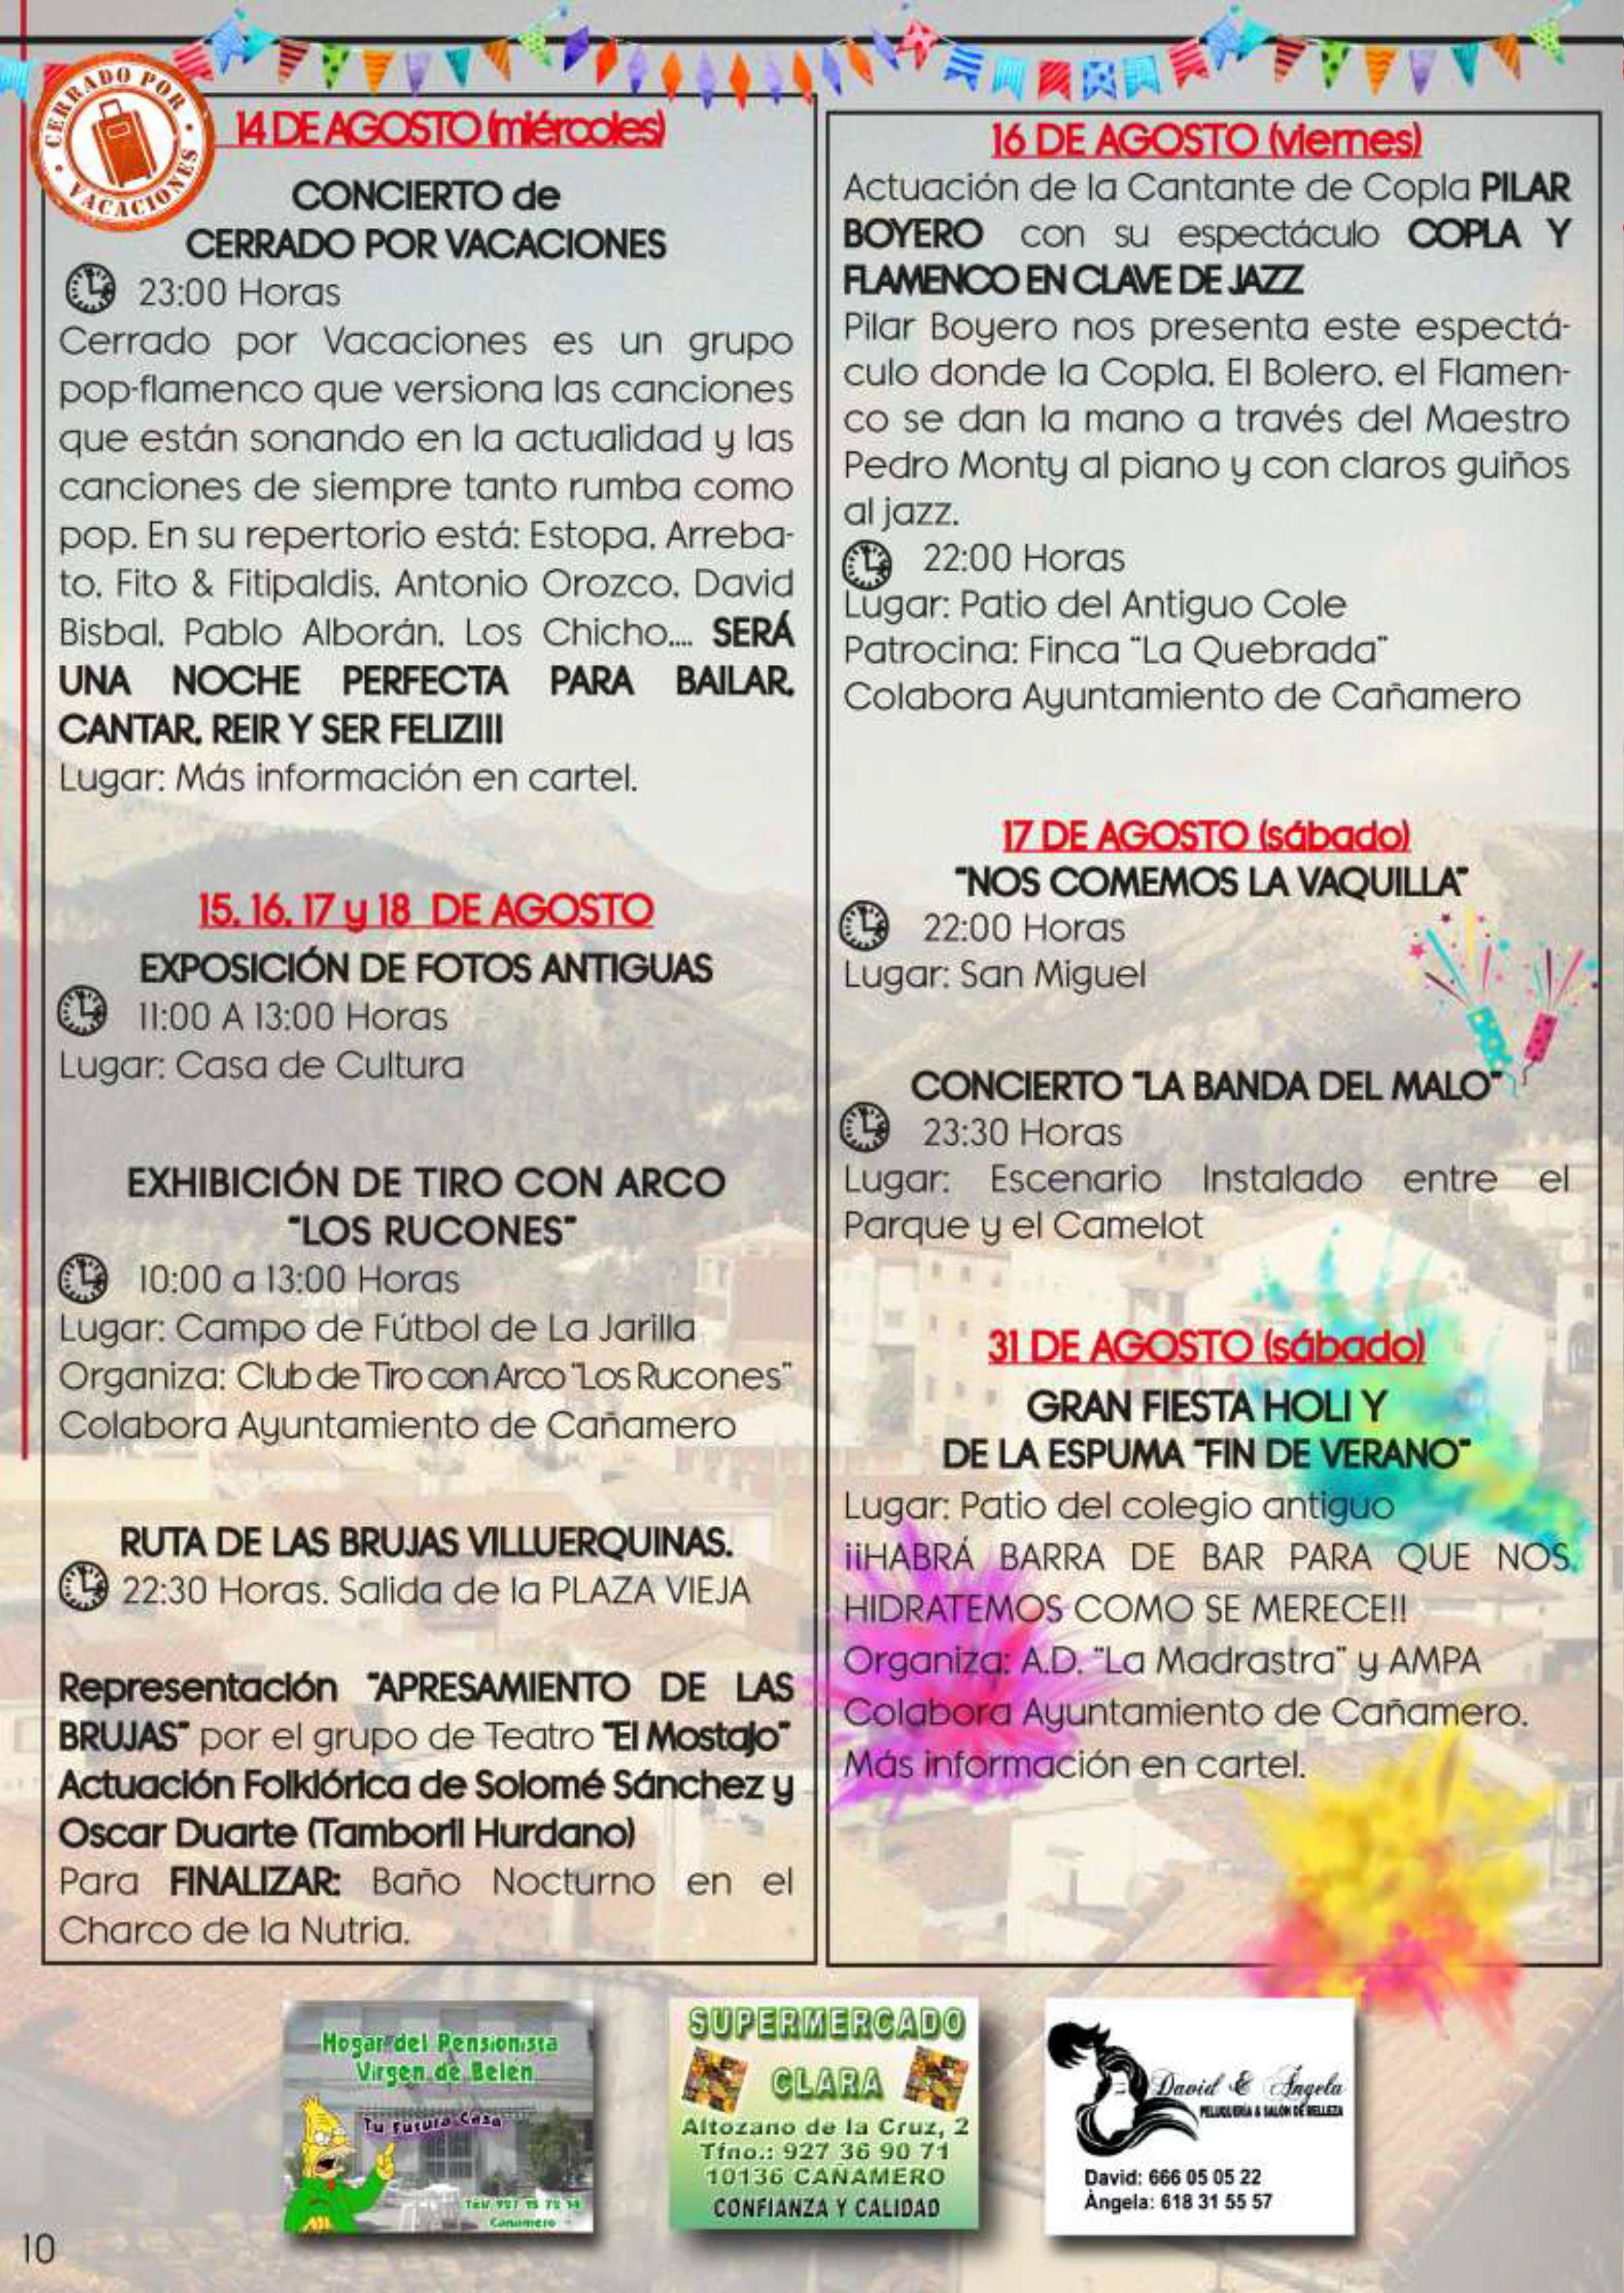 Programa de fiestas patronales 2019 - Cañamero (Cáceres) 8